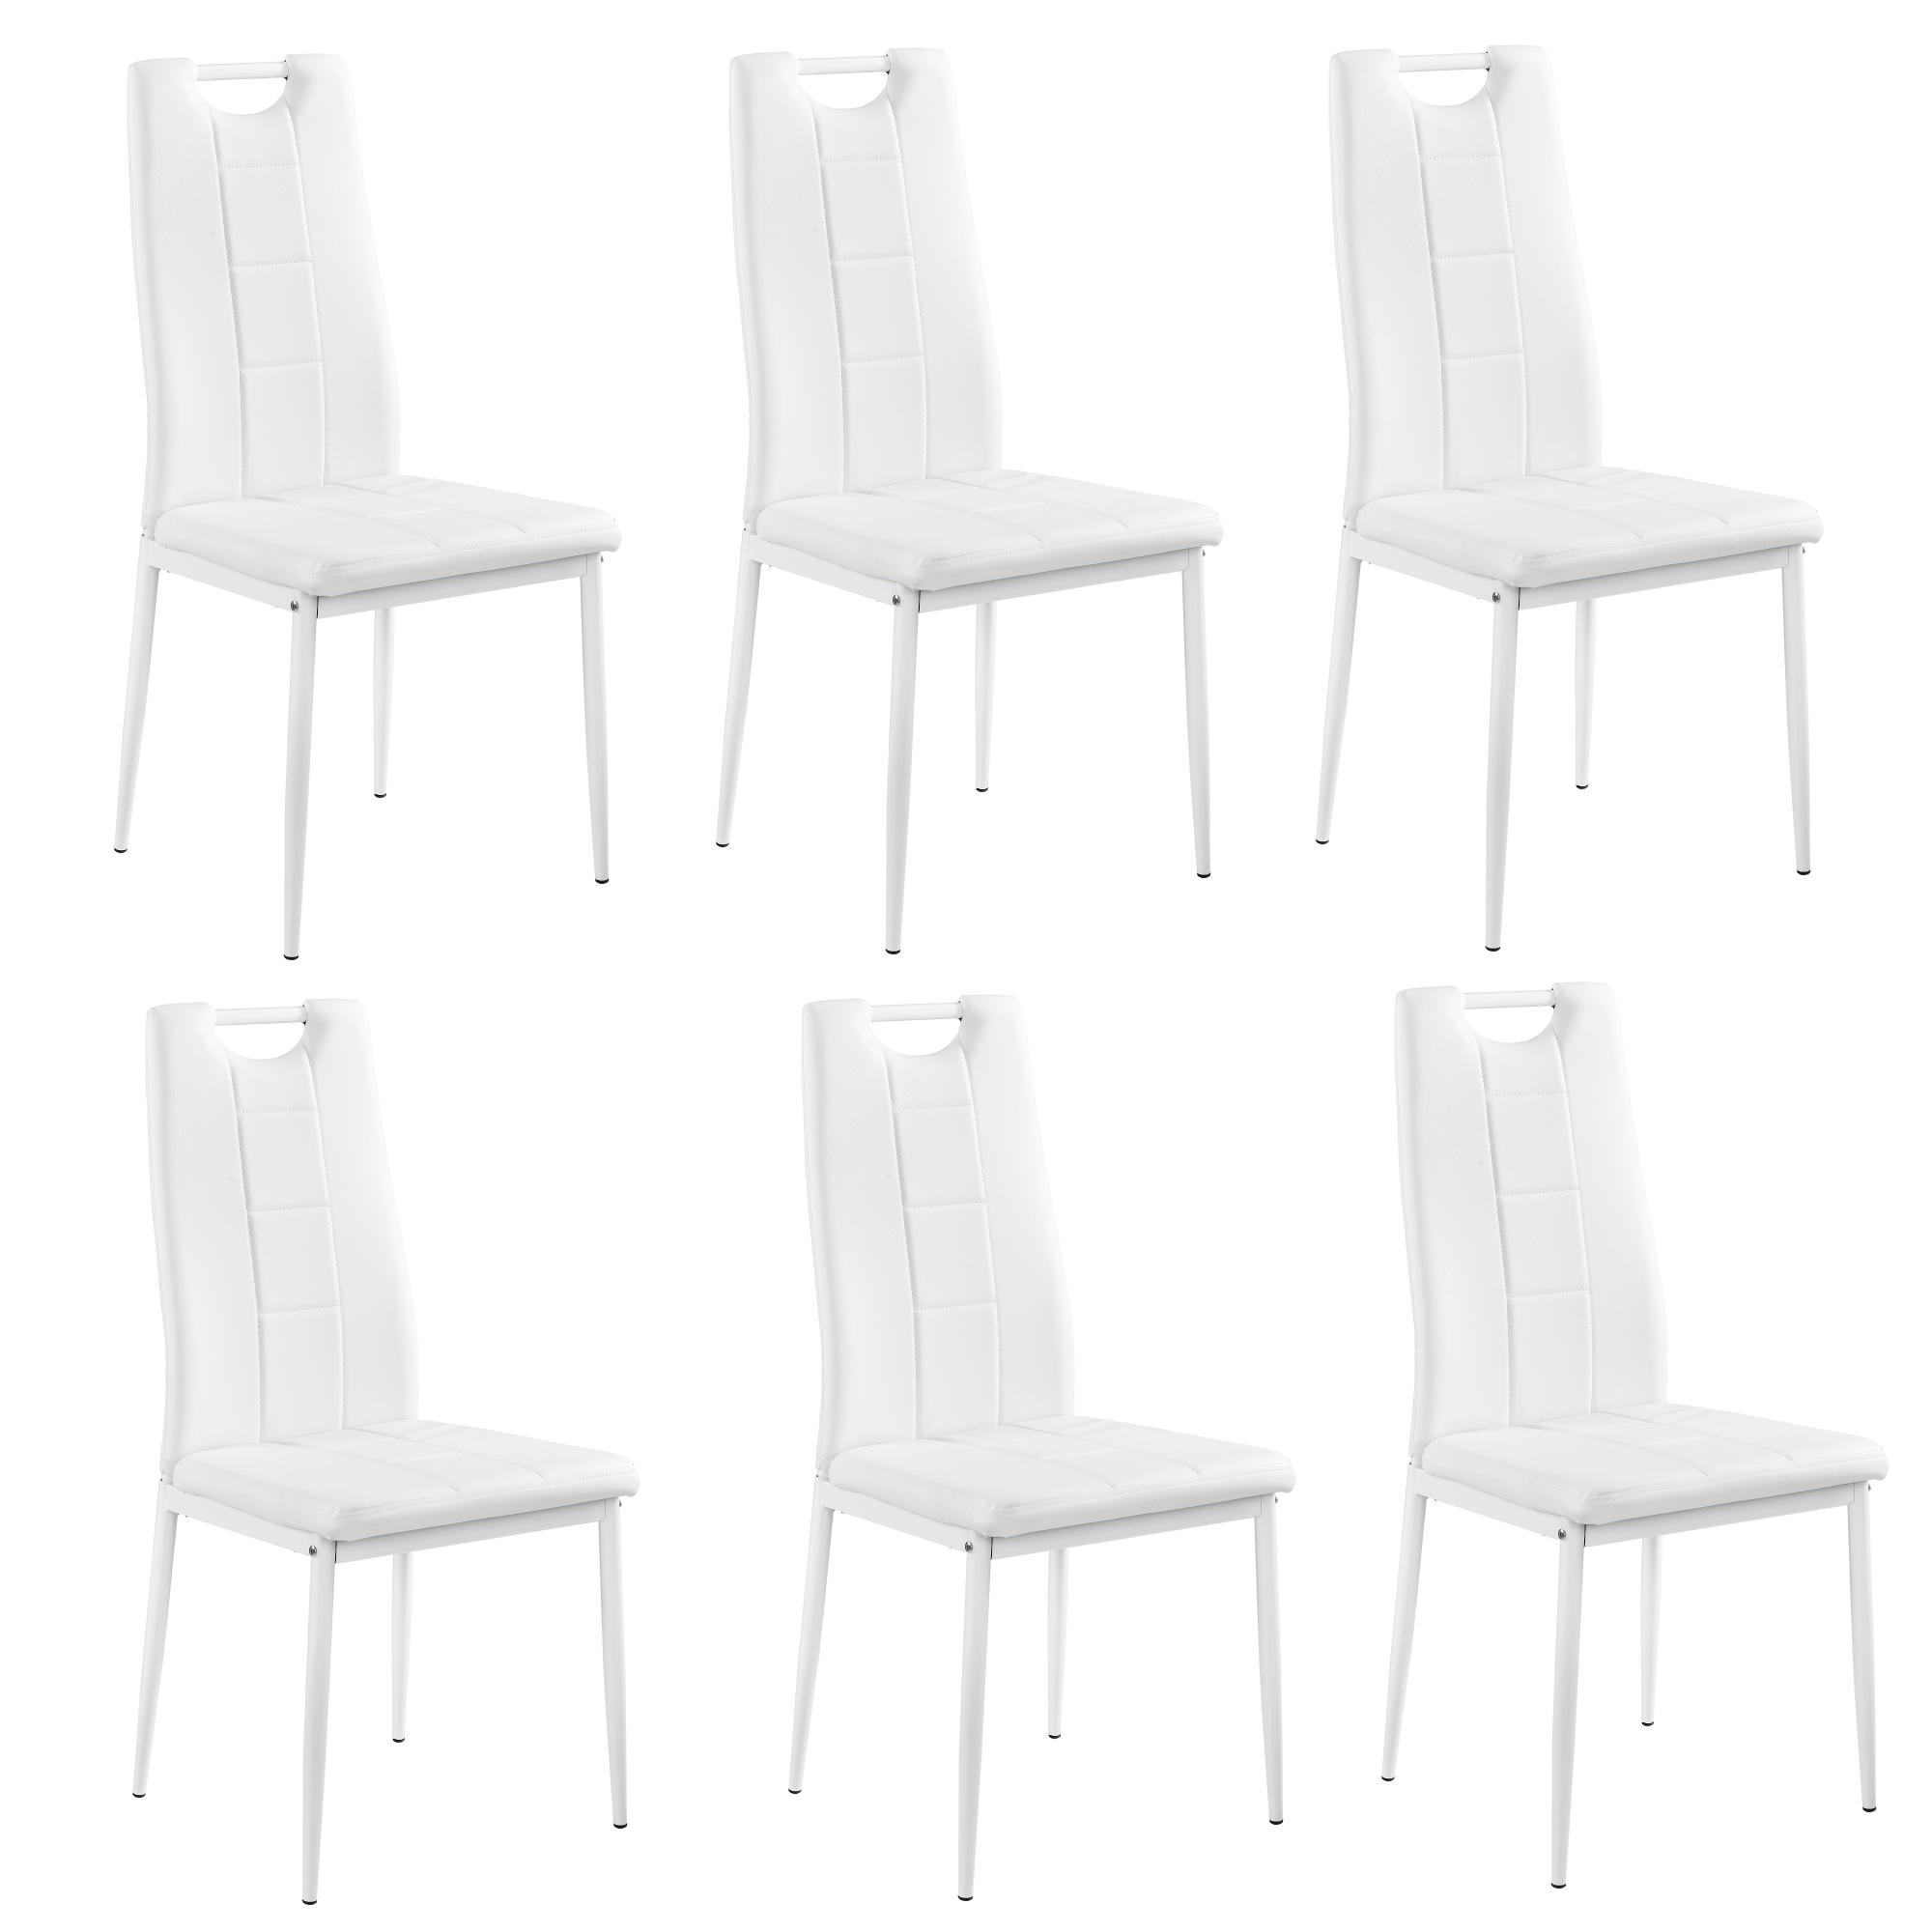 Table de salle manger avec 6 chaises blanc for Table de salle a manger avec 6 chaises